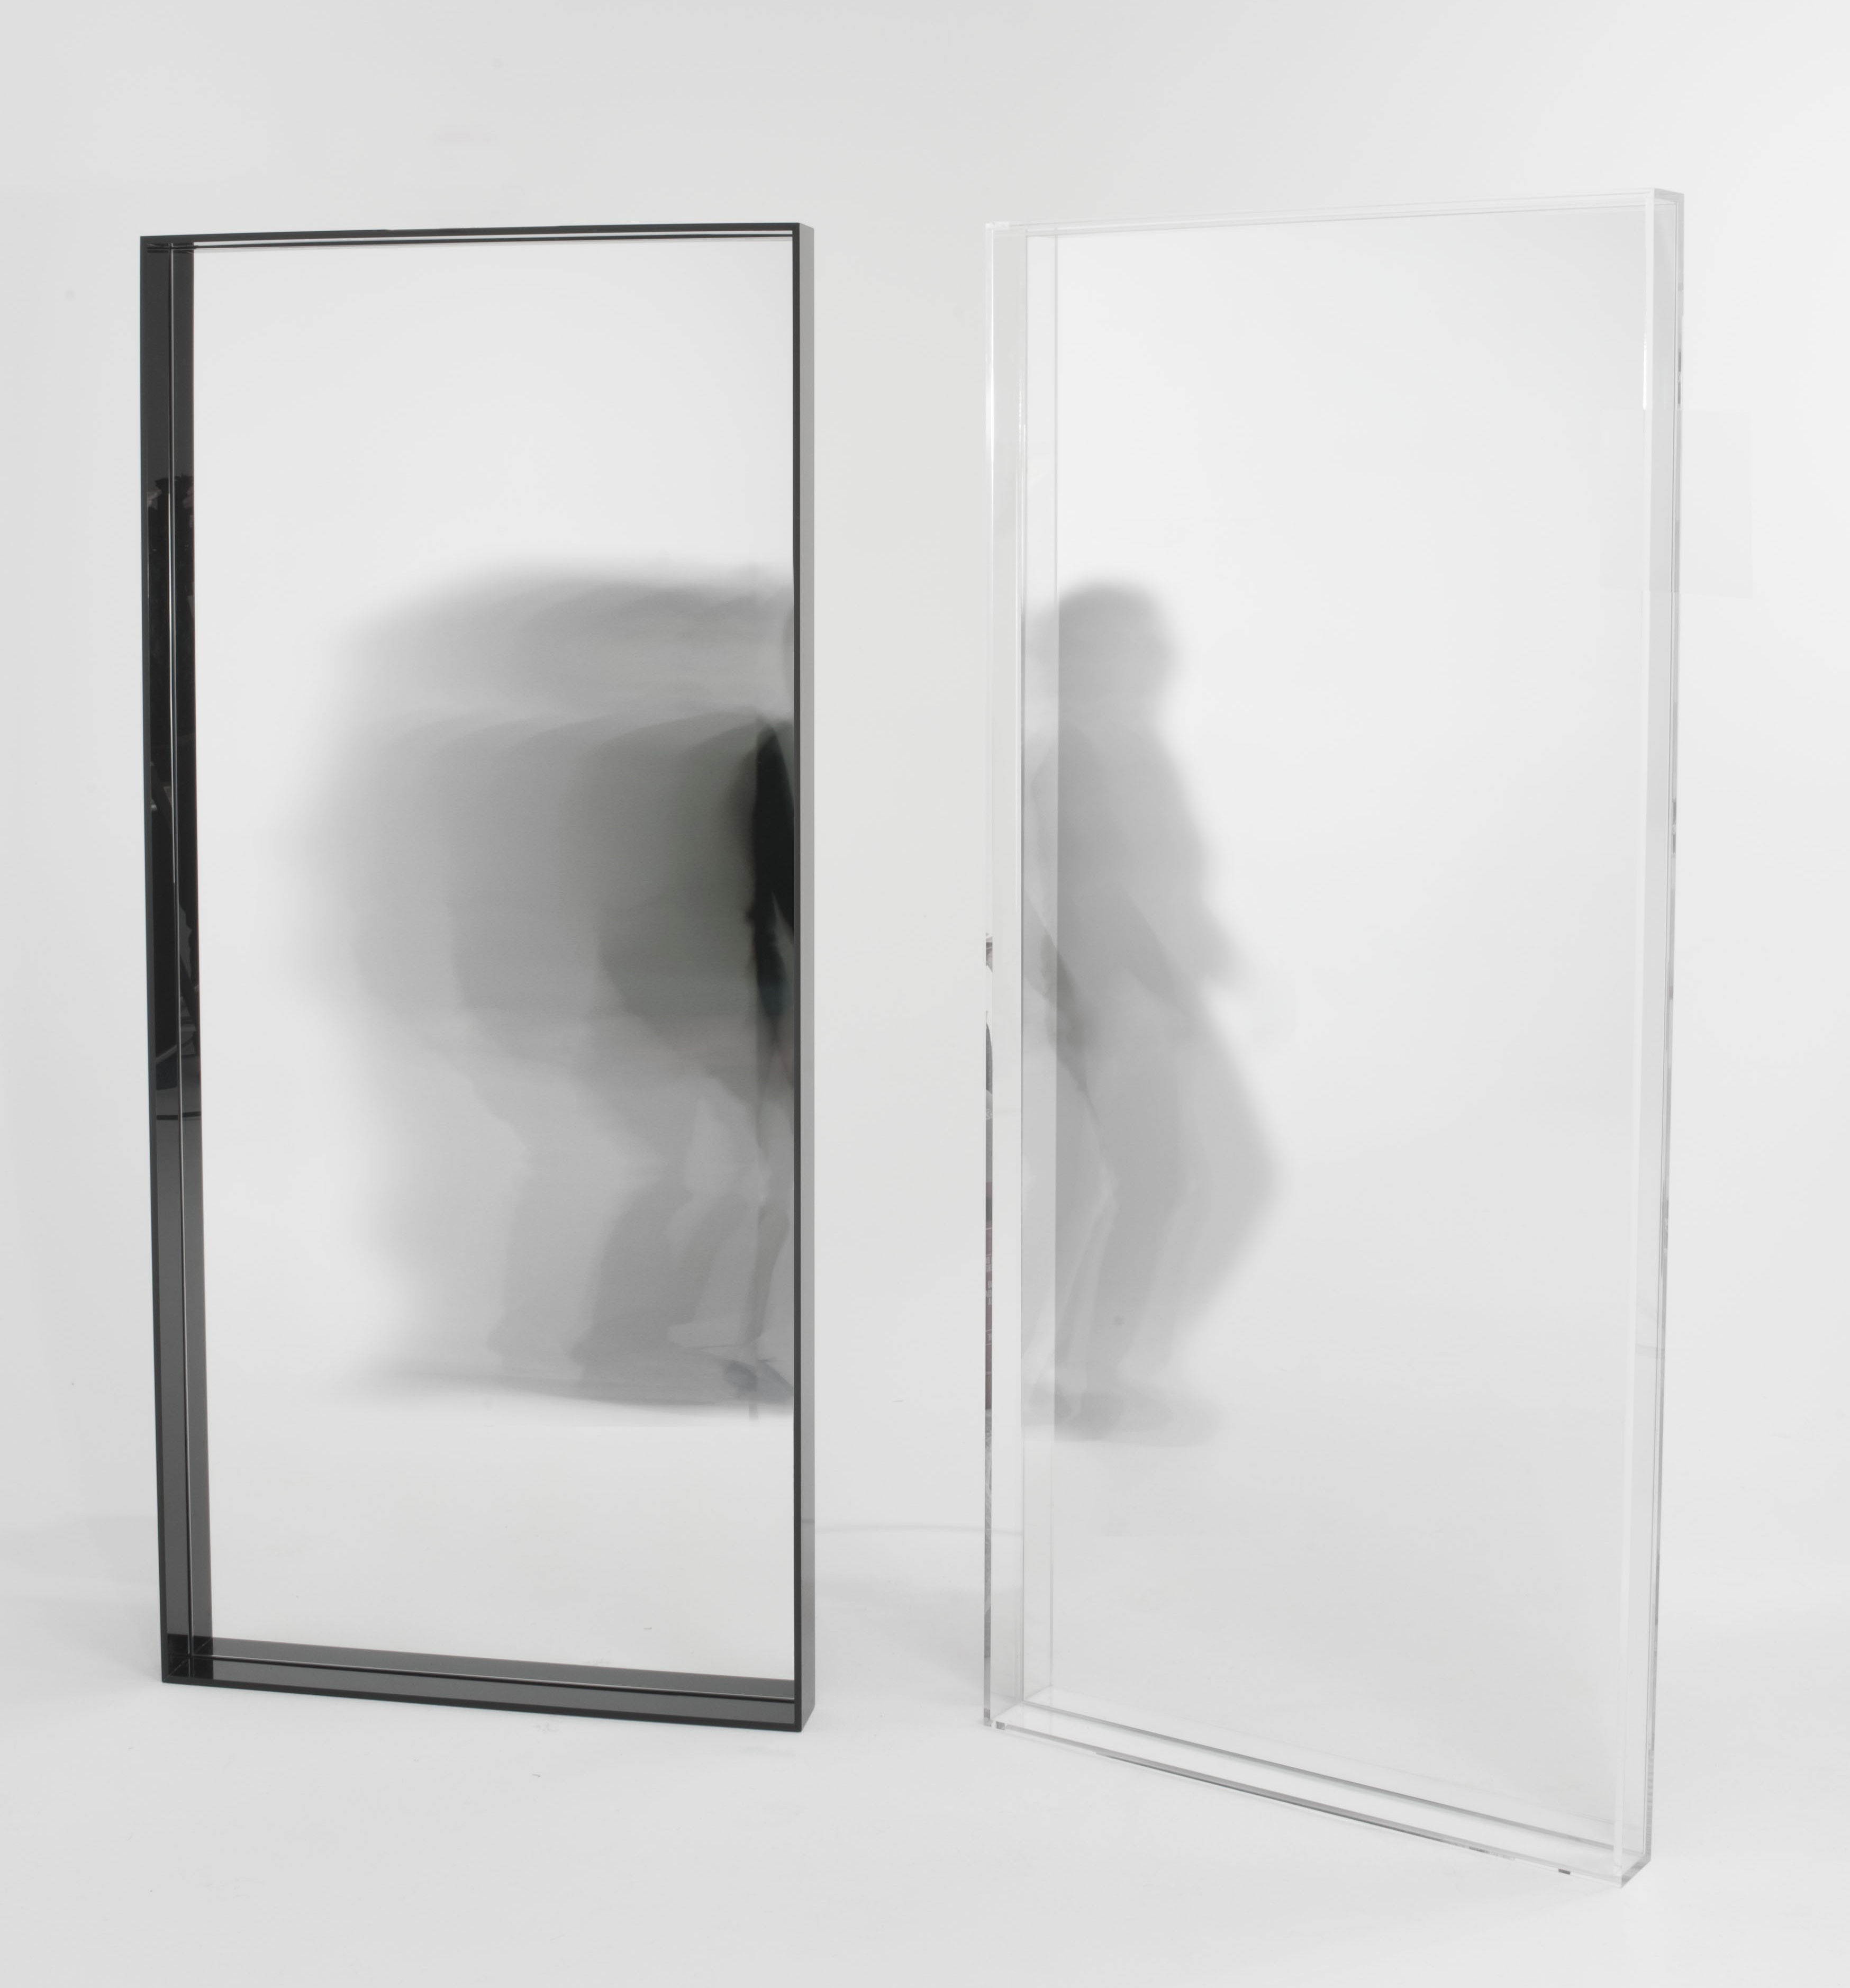 Miroir only me l 80 x h 180 cm noir kartell for Miroir kartell starck